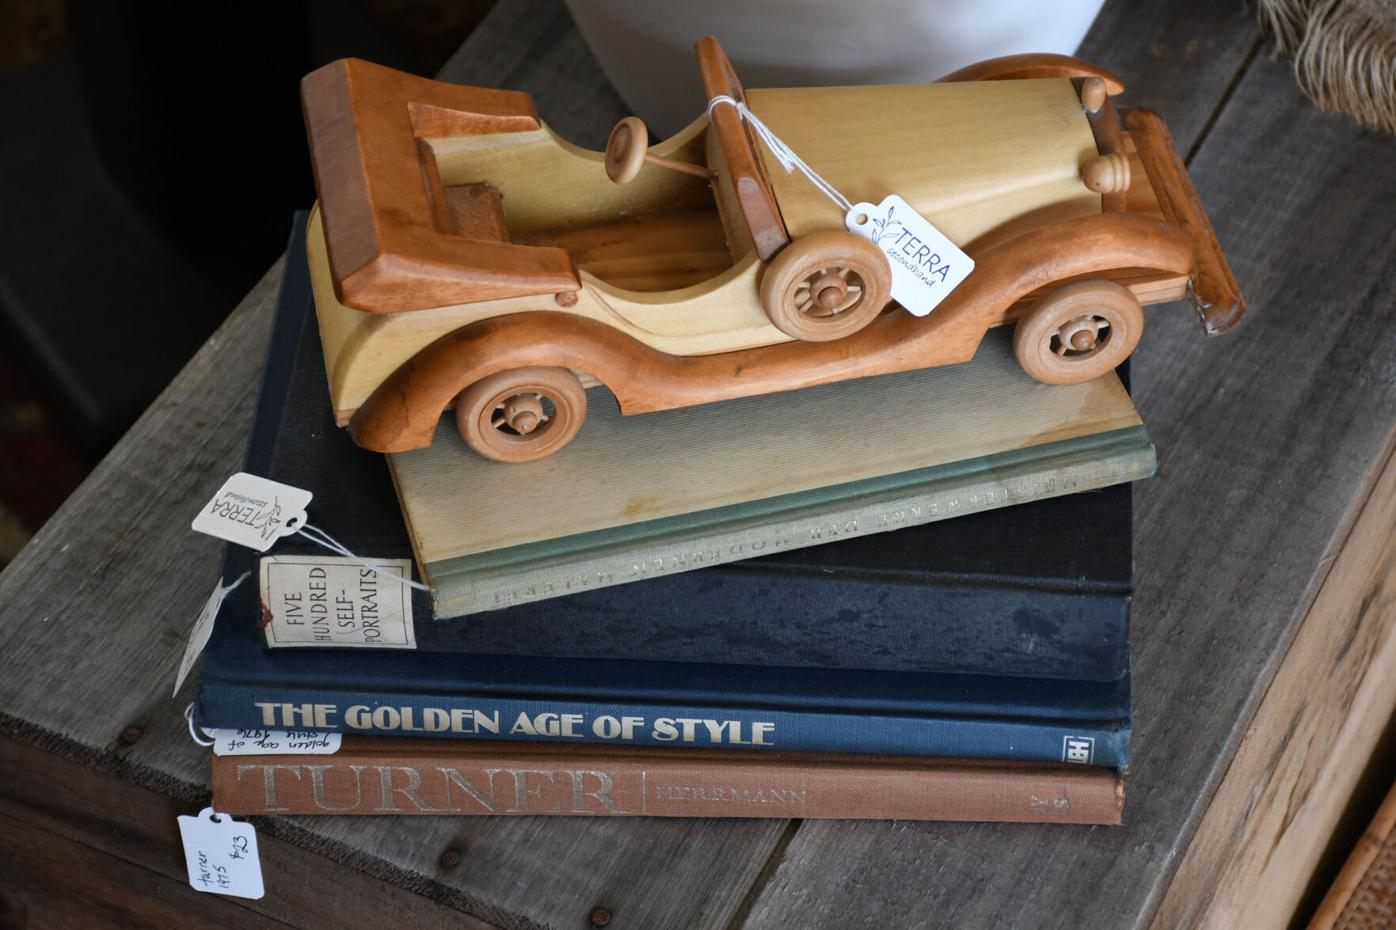 Une voiture en bois est assise sur une pile de livres vintage